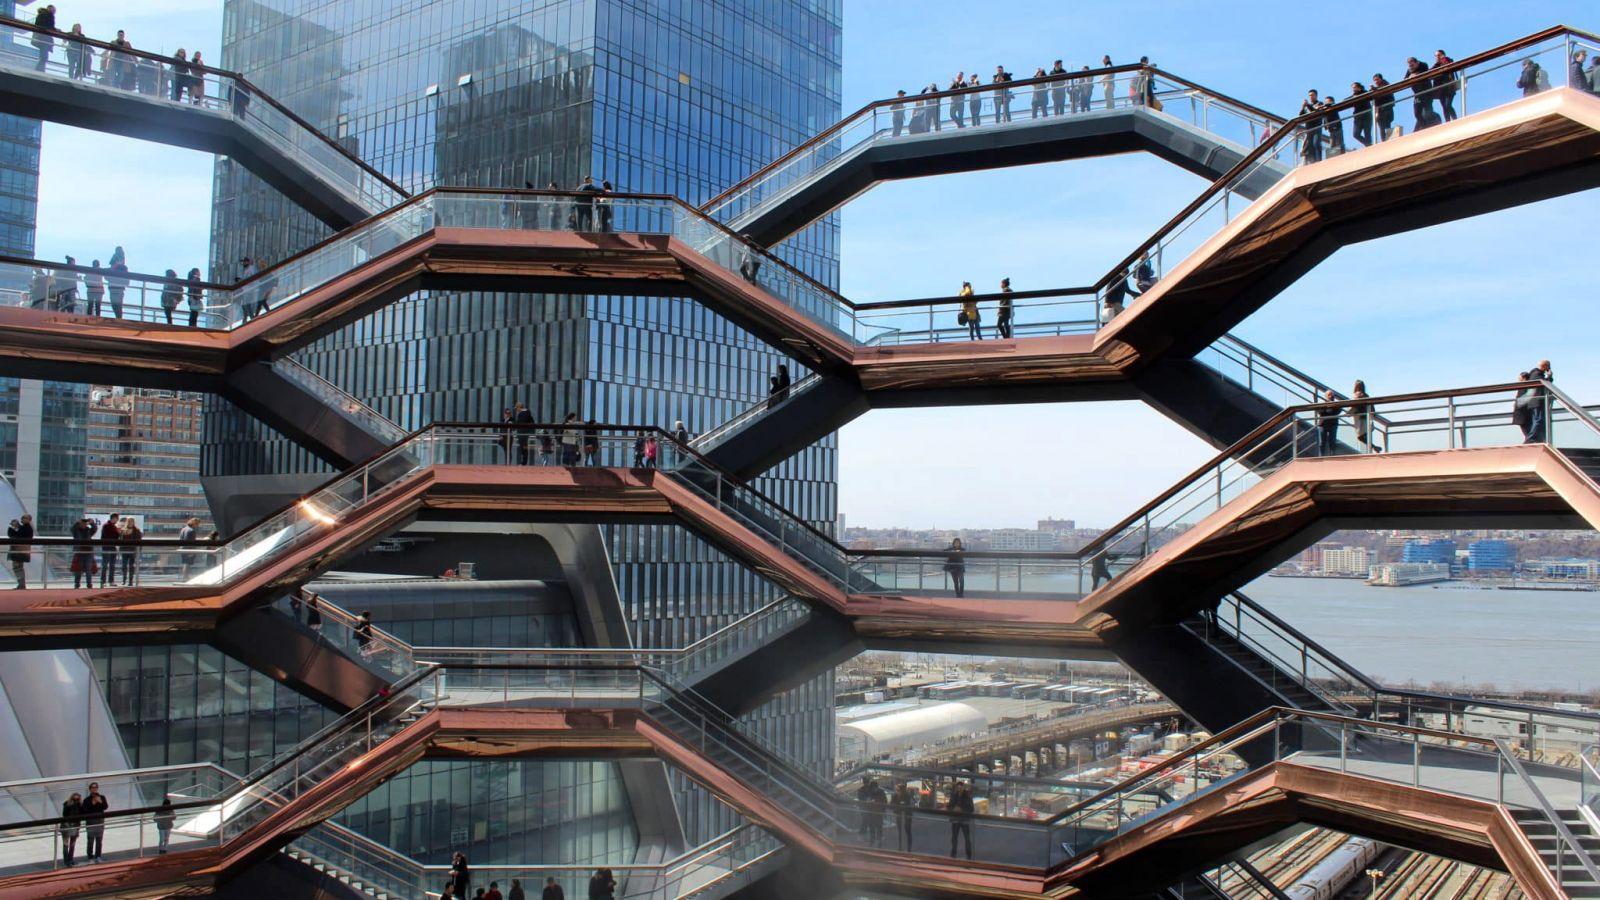 Νέα Υόρκη: Ένα εντυπωσιακό αρχιτεκτόνημα κλείνει για το κοινό καθώς προσελκύει… αυτοκτονίες